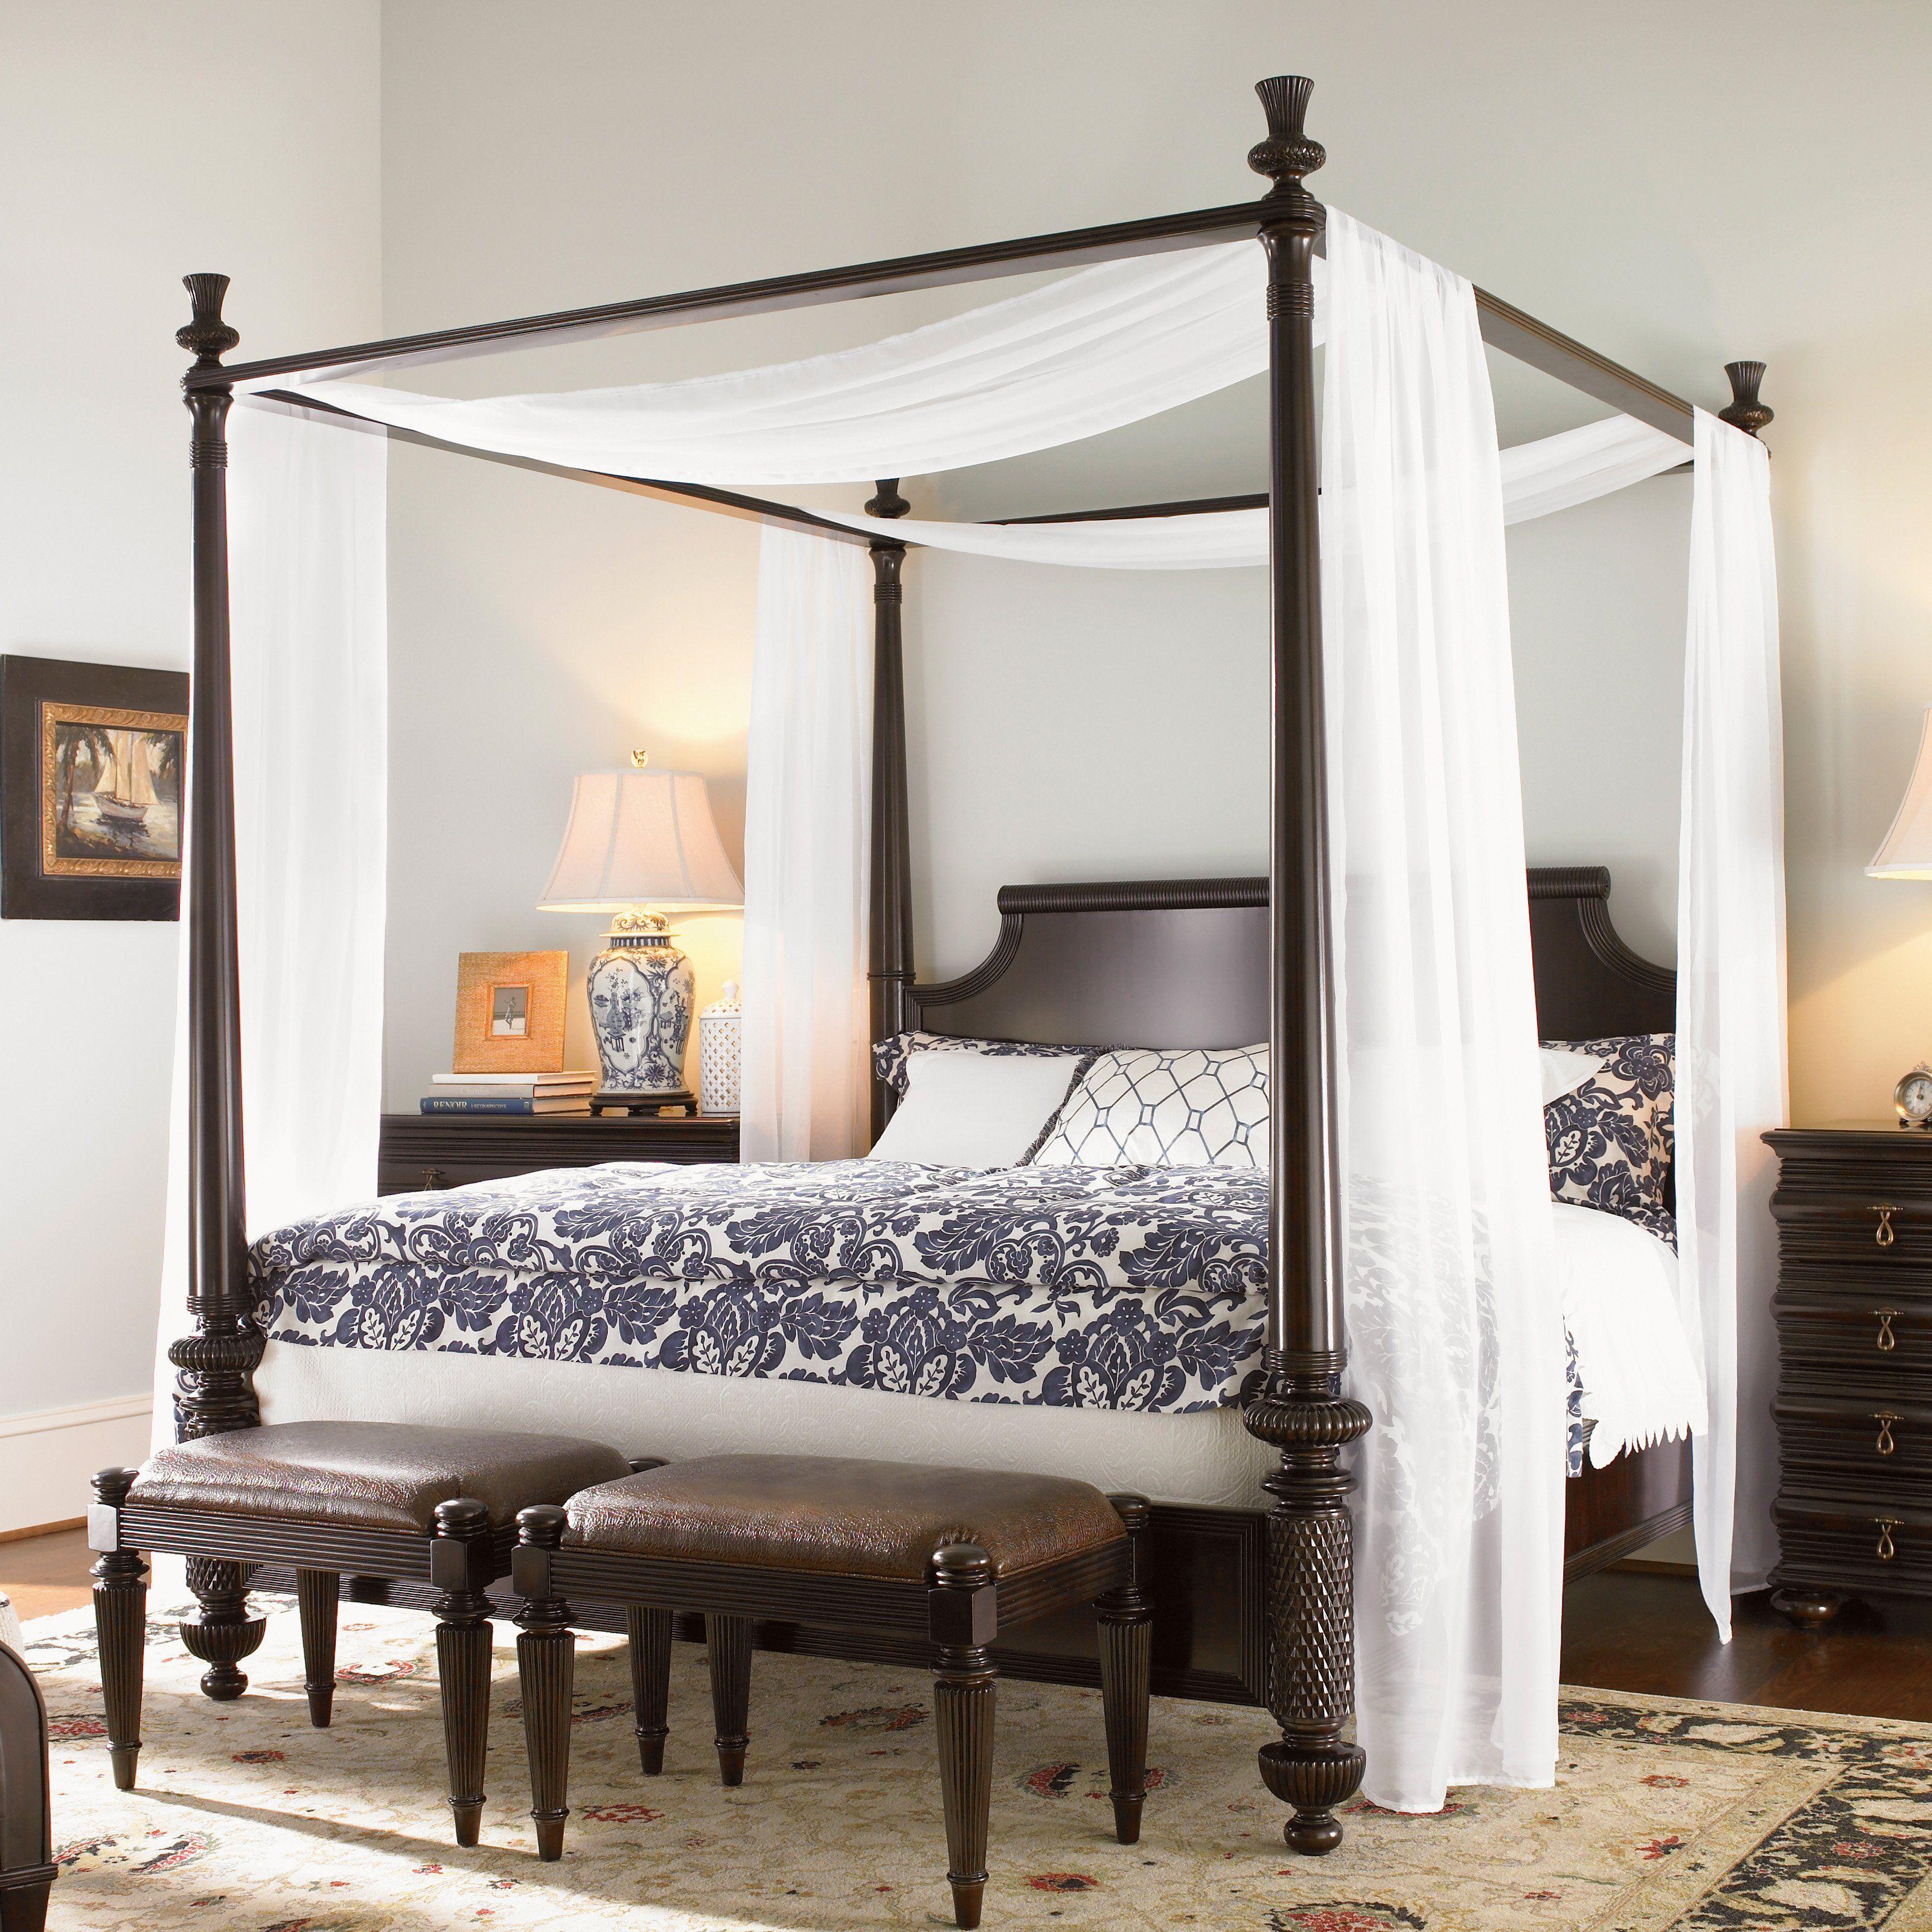 Tommy Bahama Royal Kahala Diamond Head Canopy Bed $2349.00 & Have to have it. Tommy Bahama Royal Kahala Diamond Head Canopy Bed ...